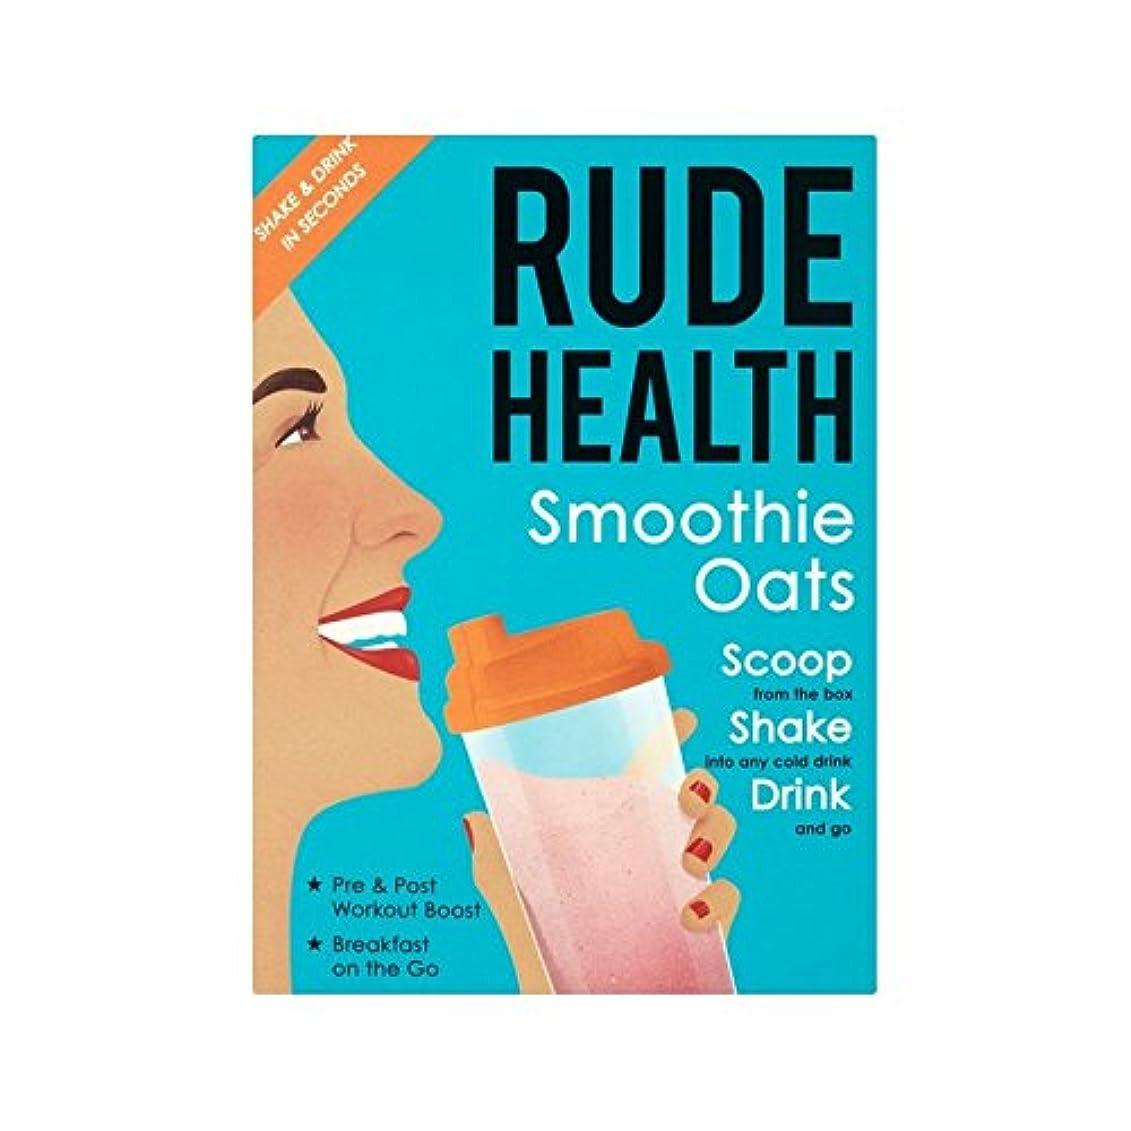 欲望原稿精度スムージーオート麦250グラム (Rude Health) (x 6) - Rude Health Smoothie Oats 250g (Pack of 6) [並行輸入品]